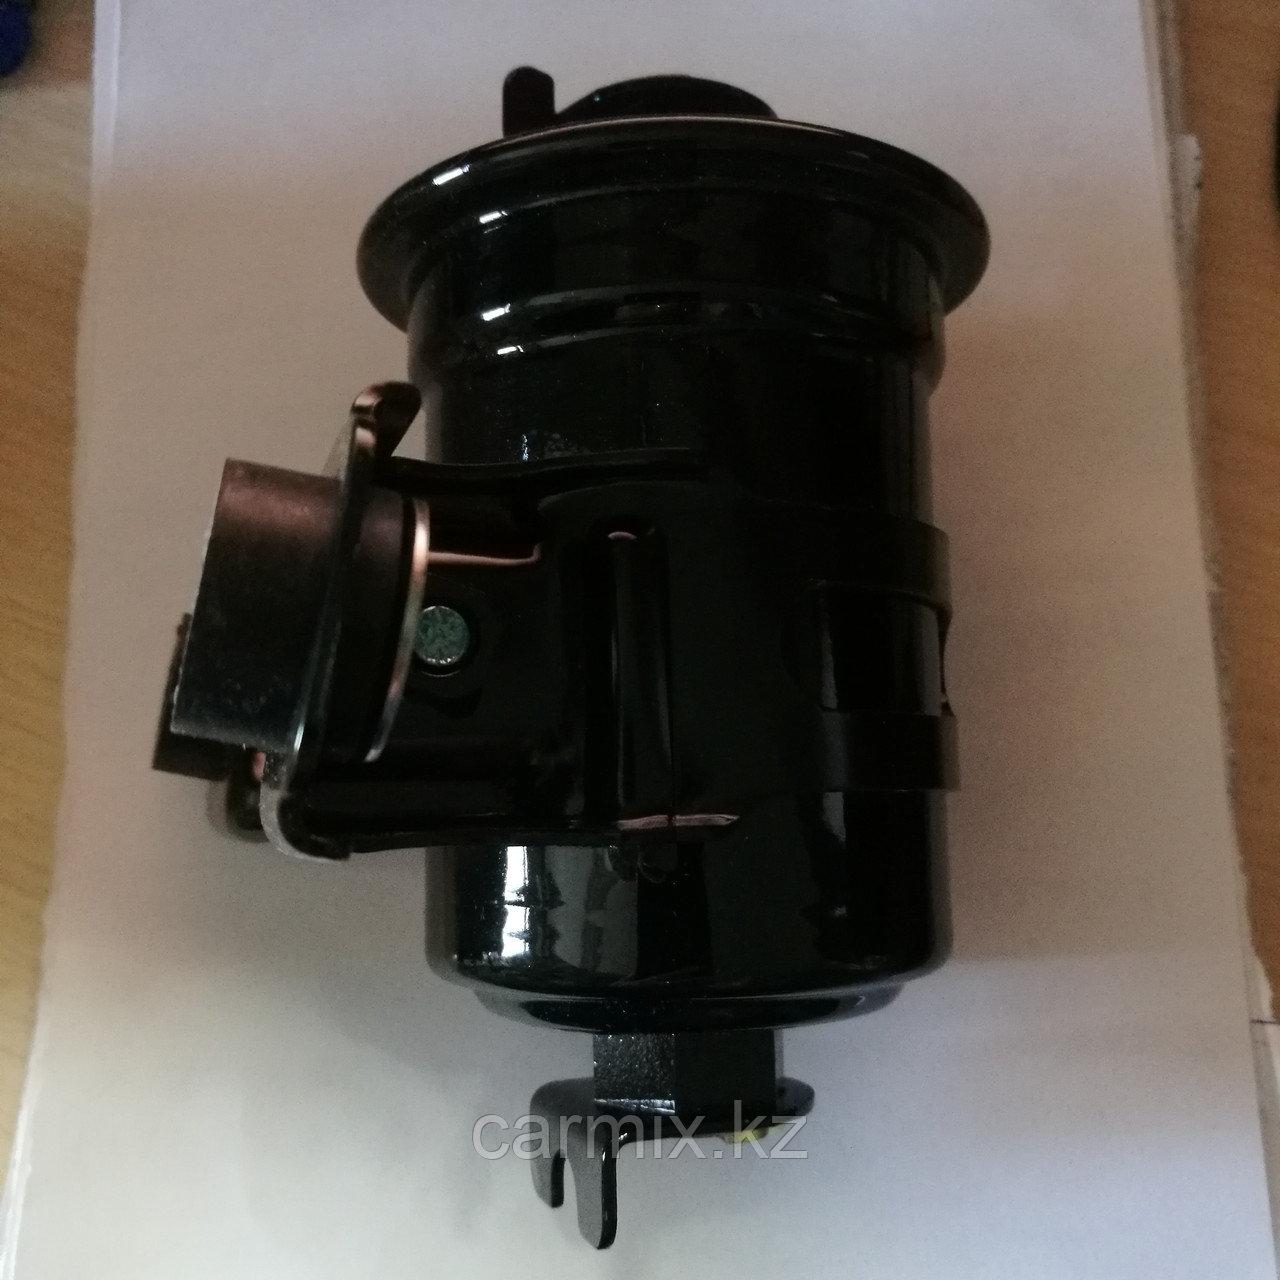 Фильтр топливный ESTIMA TCR20, TCR10, PREVIA TCR10